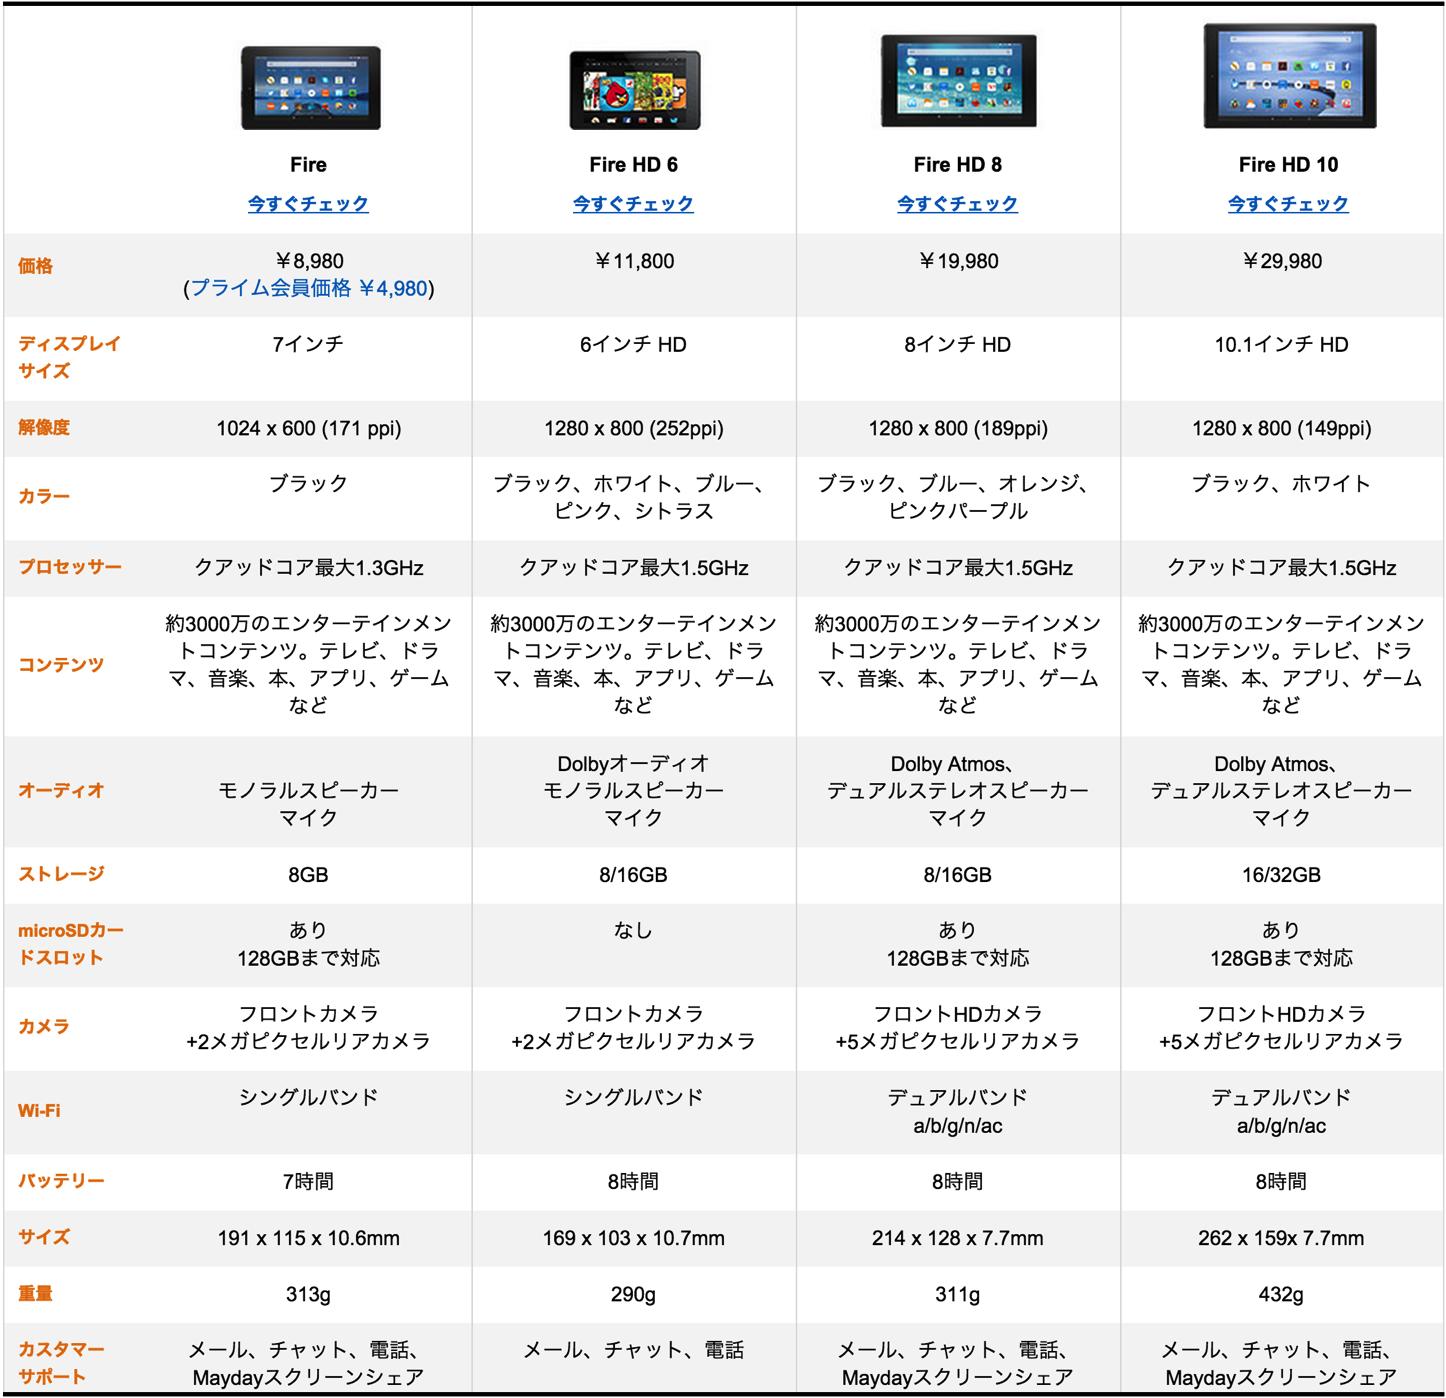 Fire-Tablet-Comparison.png